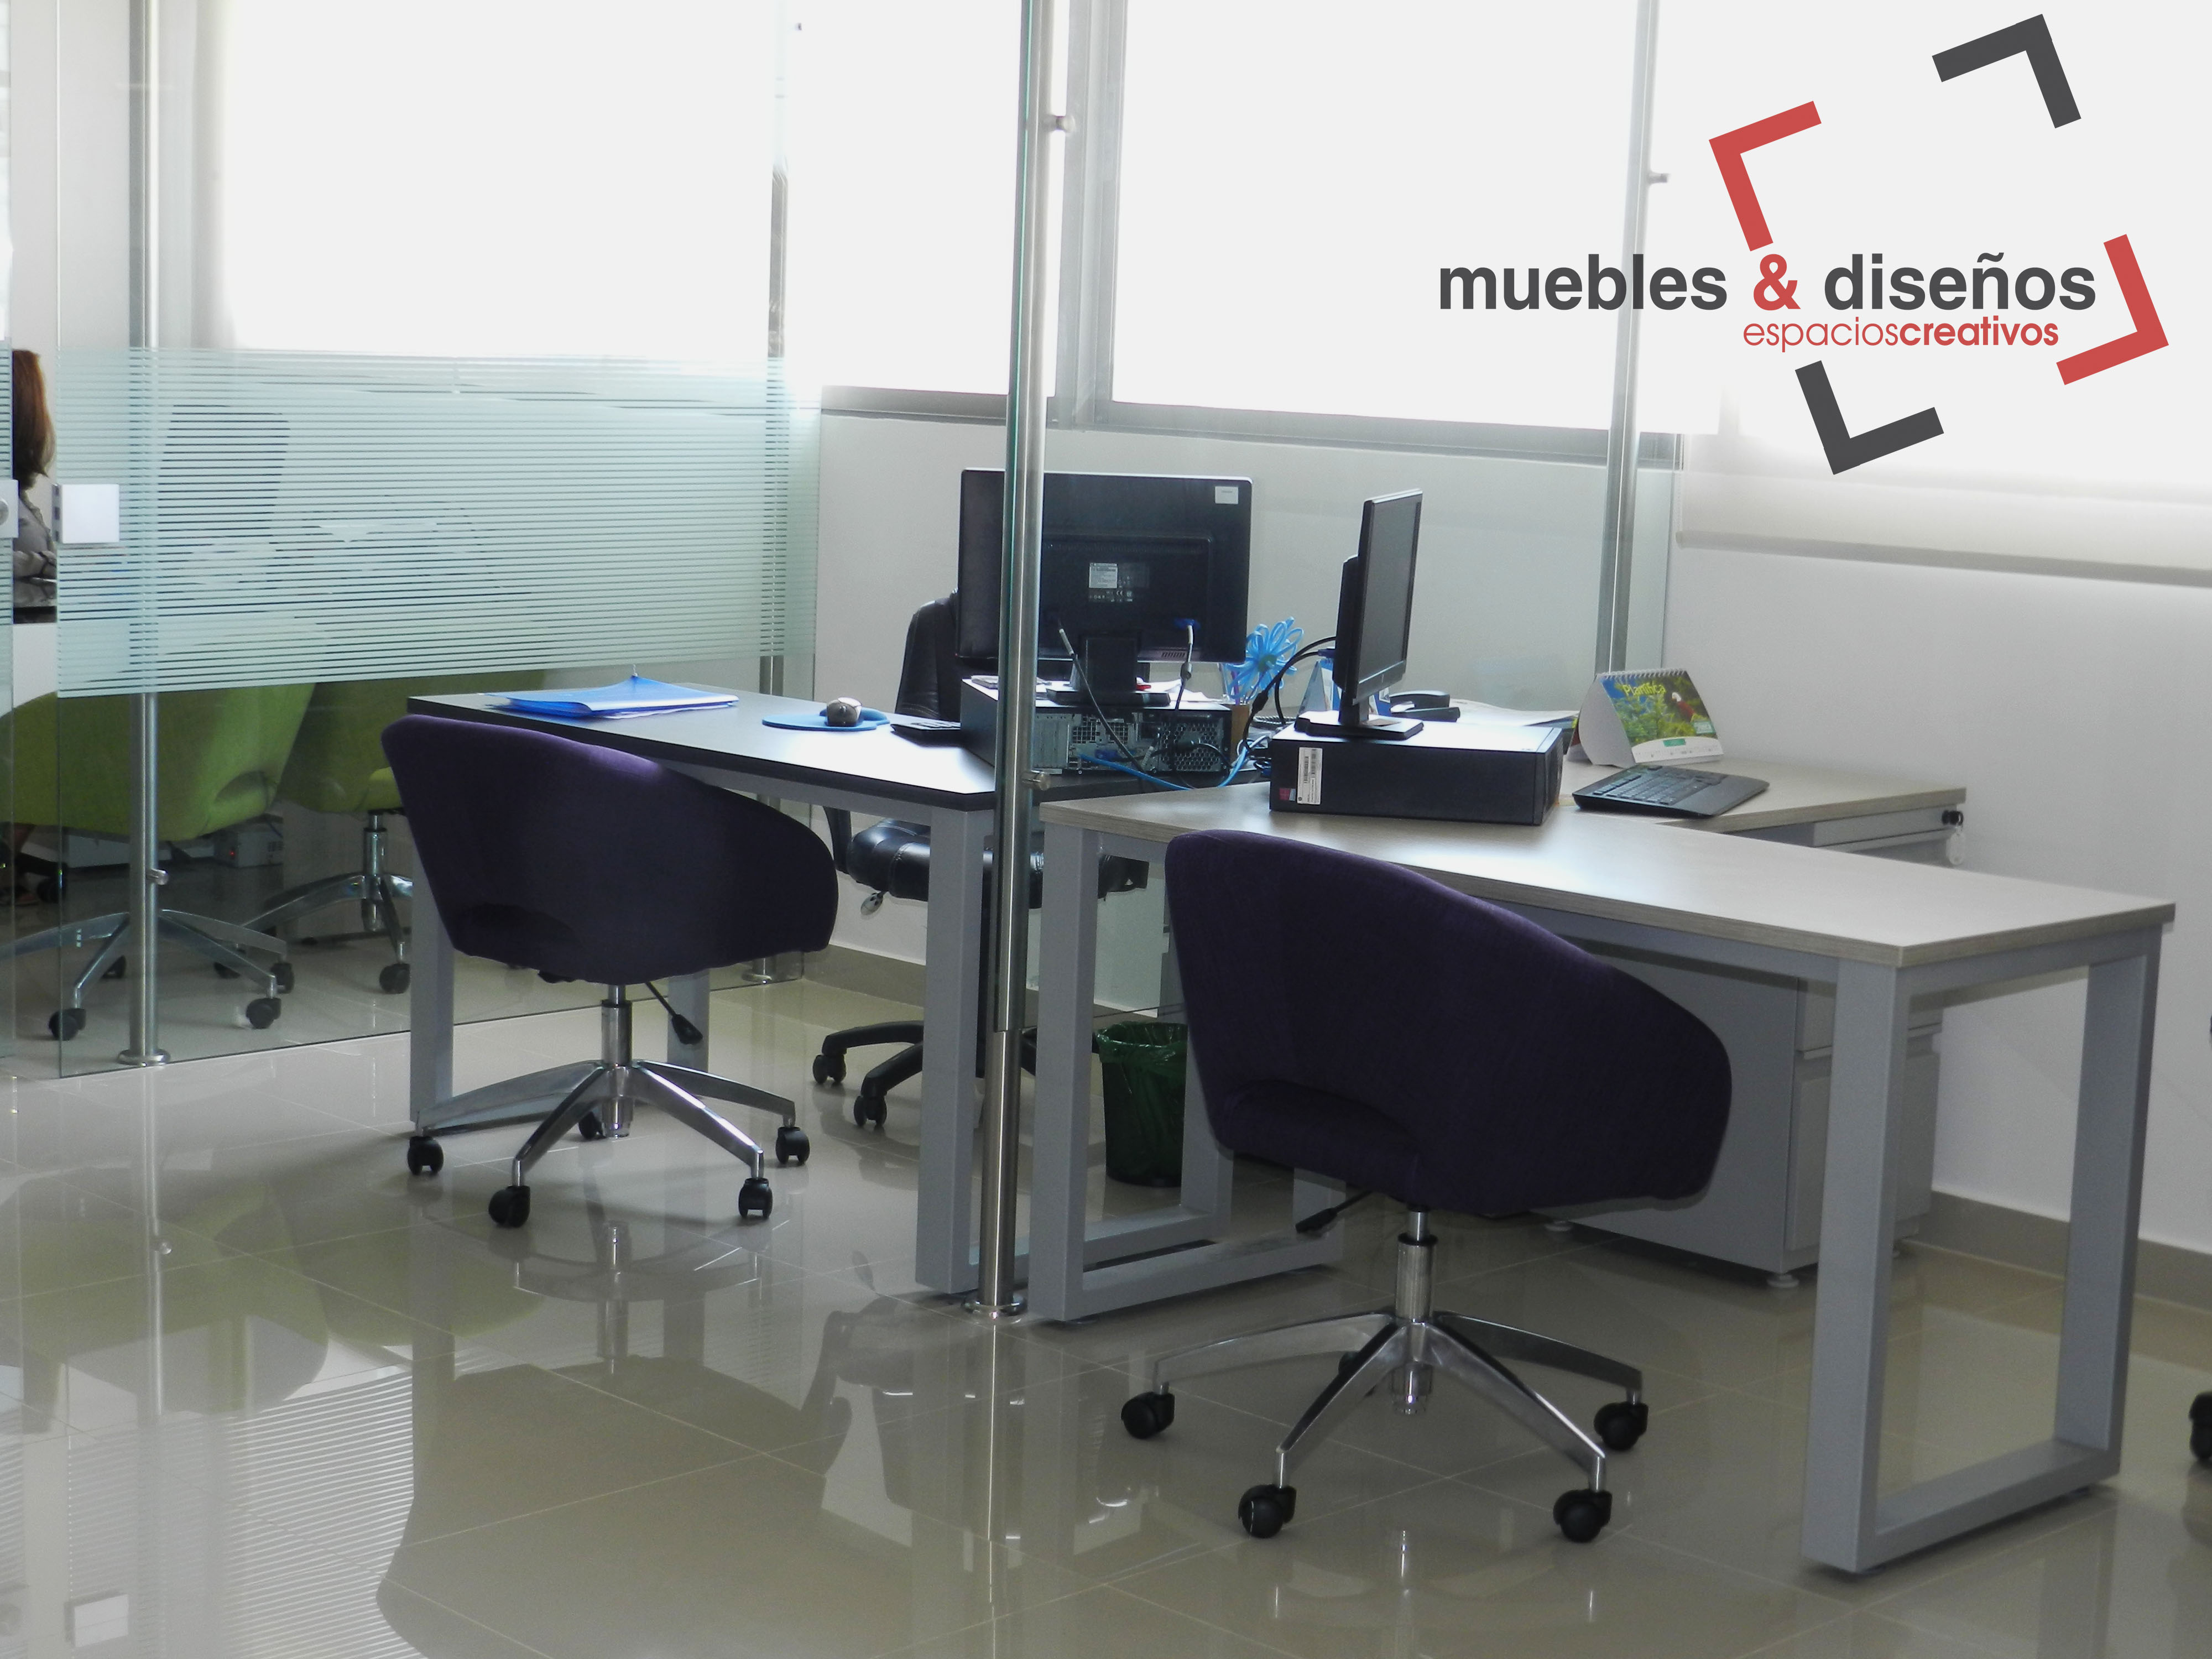 Escritorios operativos muebles y dise os for Muebles escritorio diseno